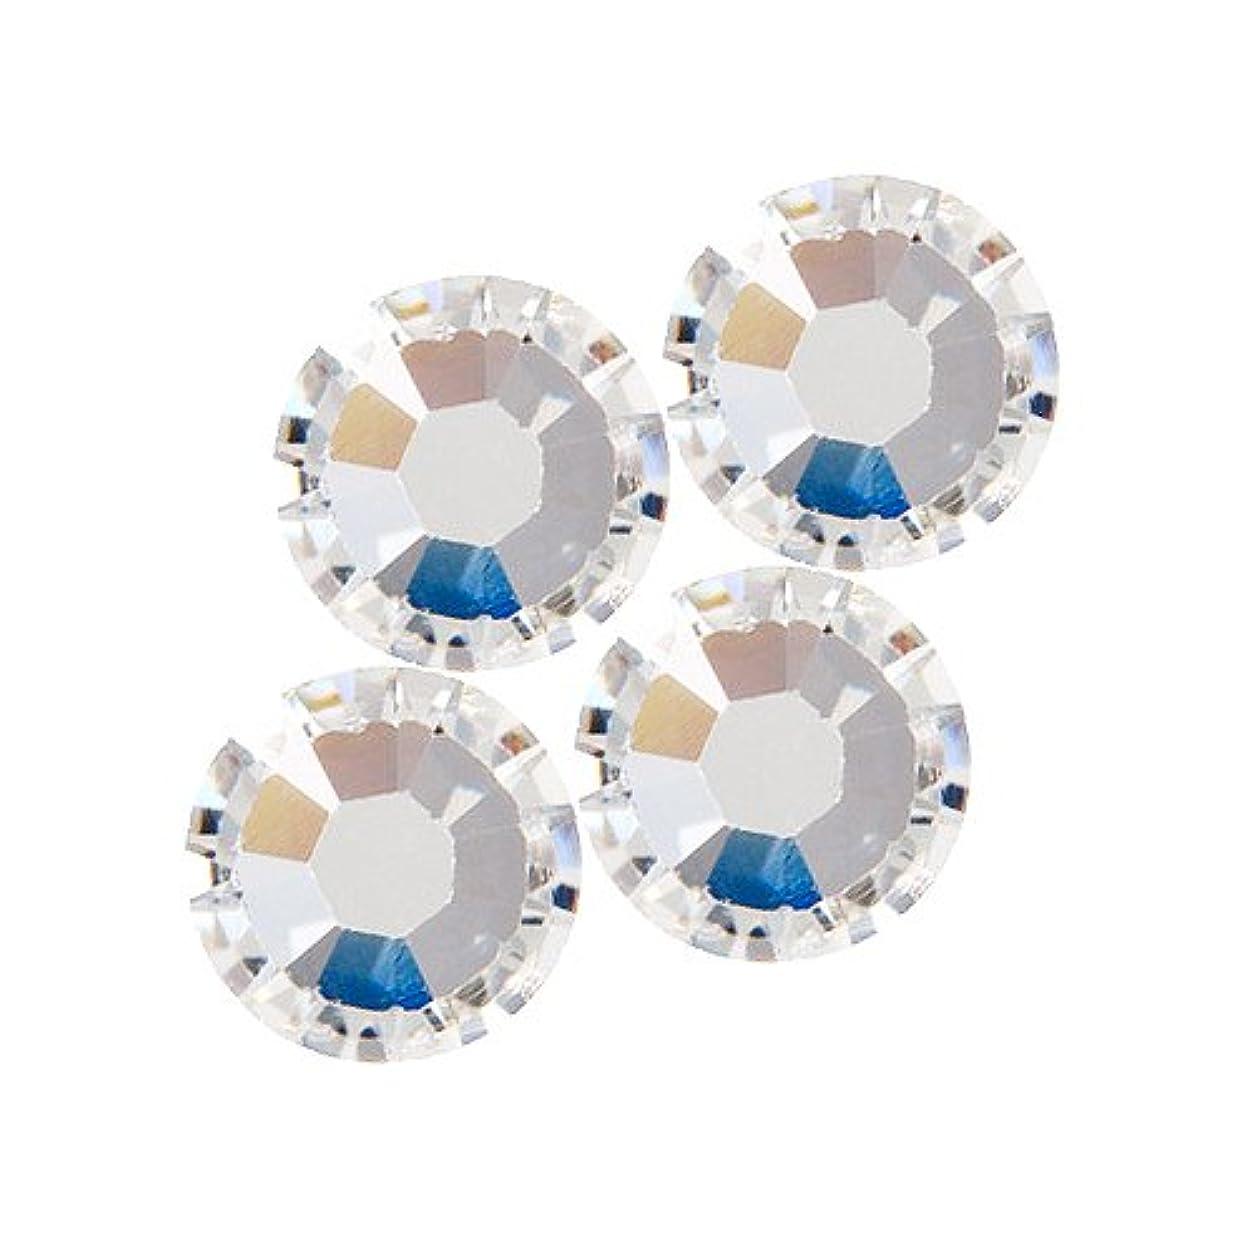 ベーリング海峡ようこそエージェントバイナル DIAMOND RHINESTONE  クリスタル SS5 1440粒 ST-SS5-CRY-10G